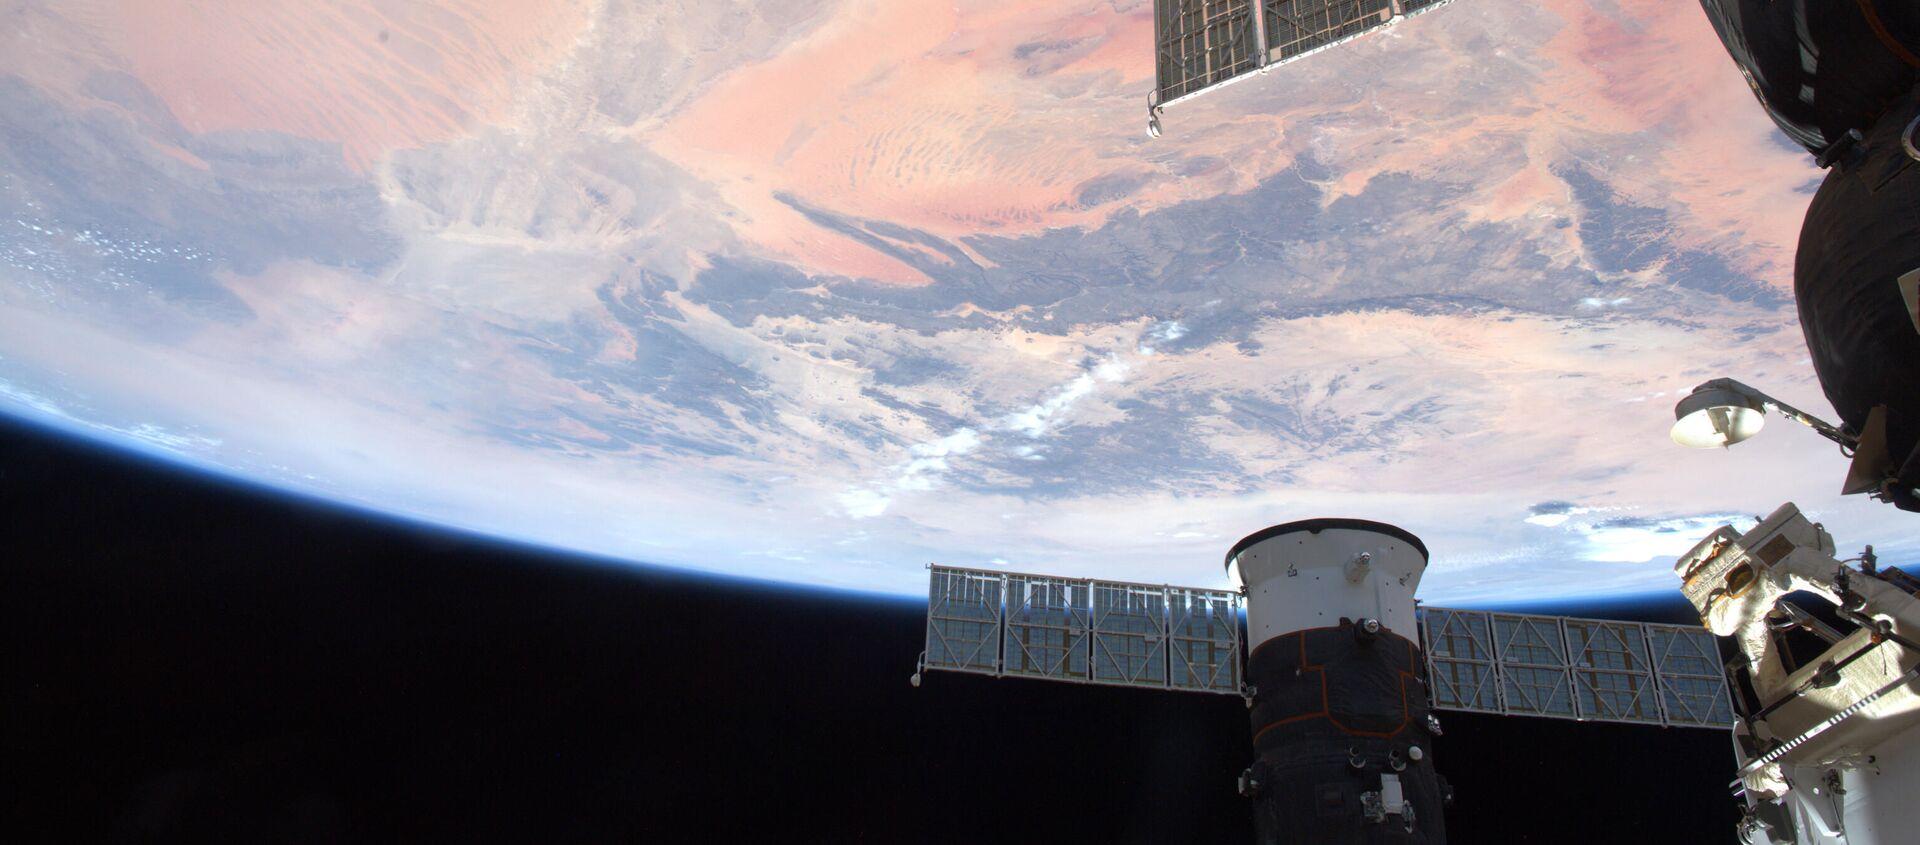 Trái đất từ Trạm vũ trụ quốc tế - Sputnik Việt Nam, 1920, 02.09.2020